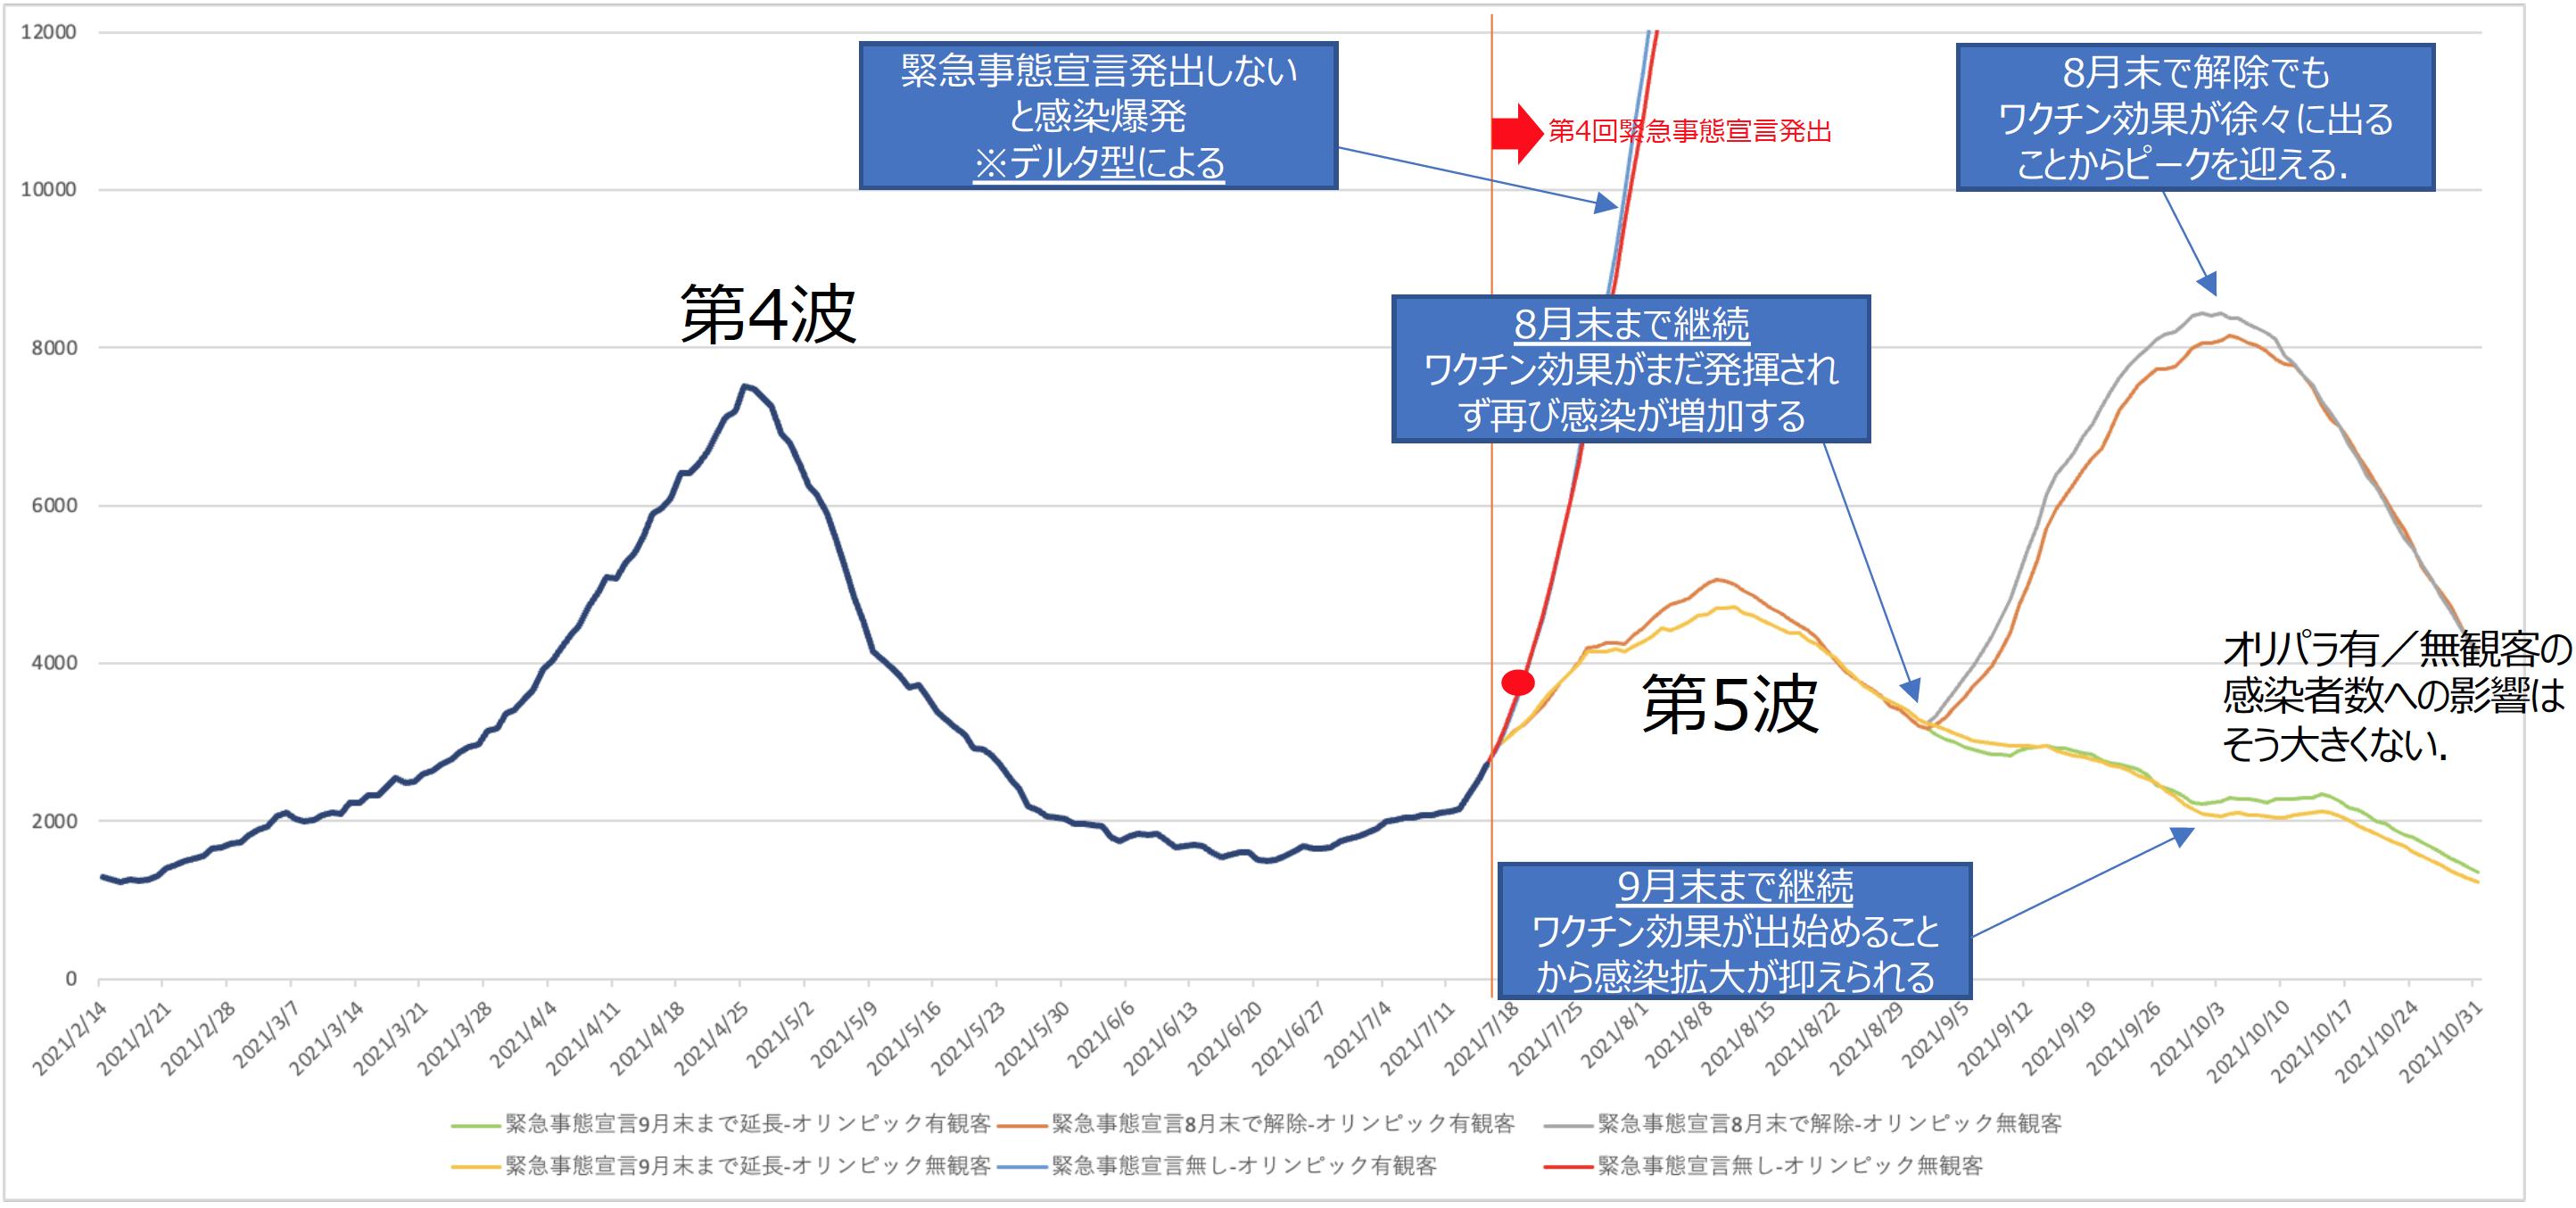 オリパラ(有観客・無観客)と第4回緊急事態宣⾔解除時期の影響